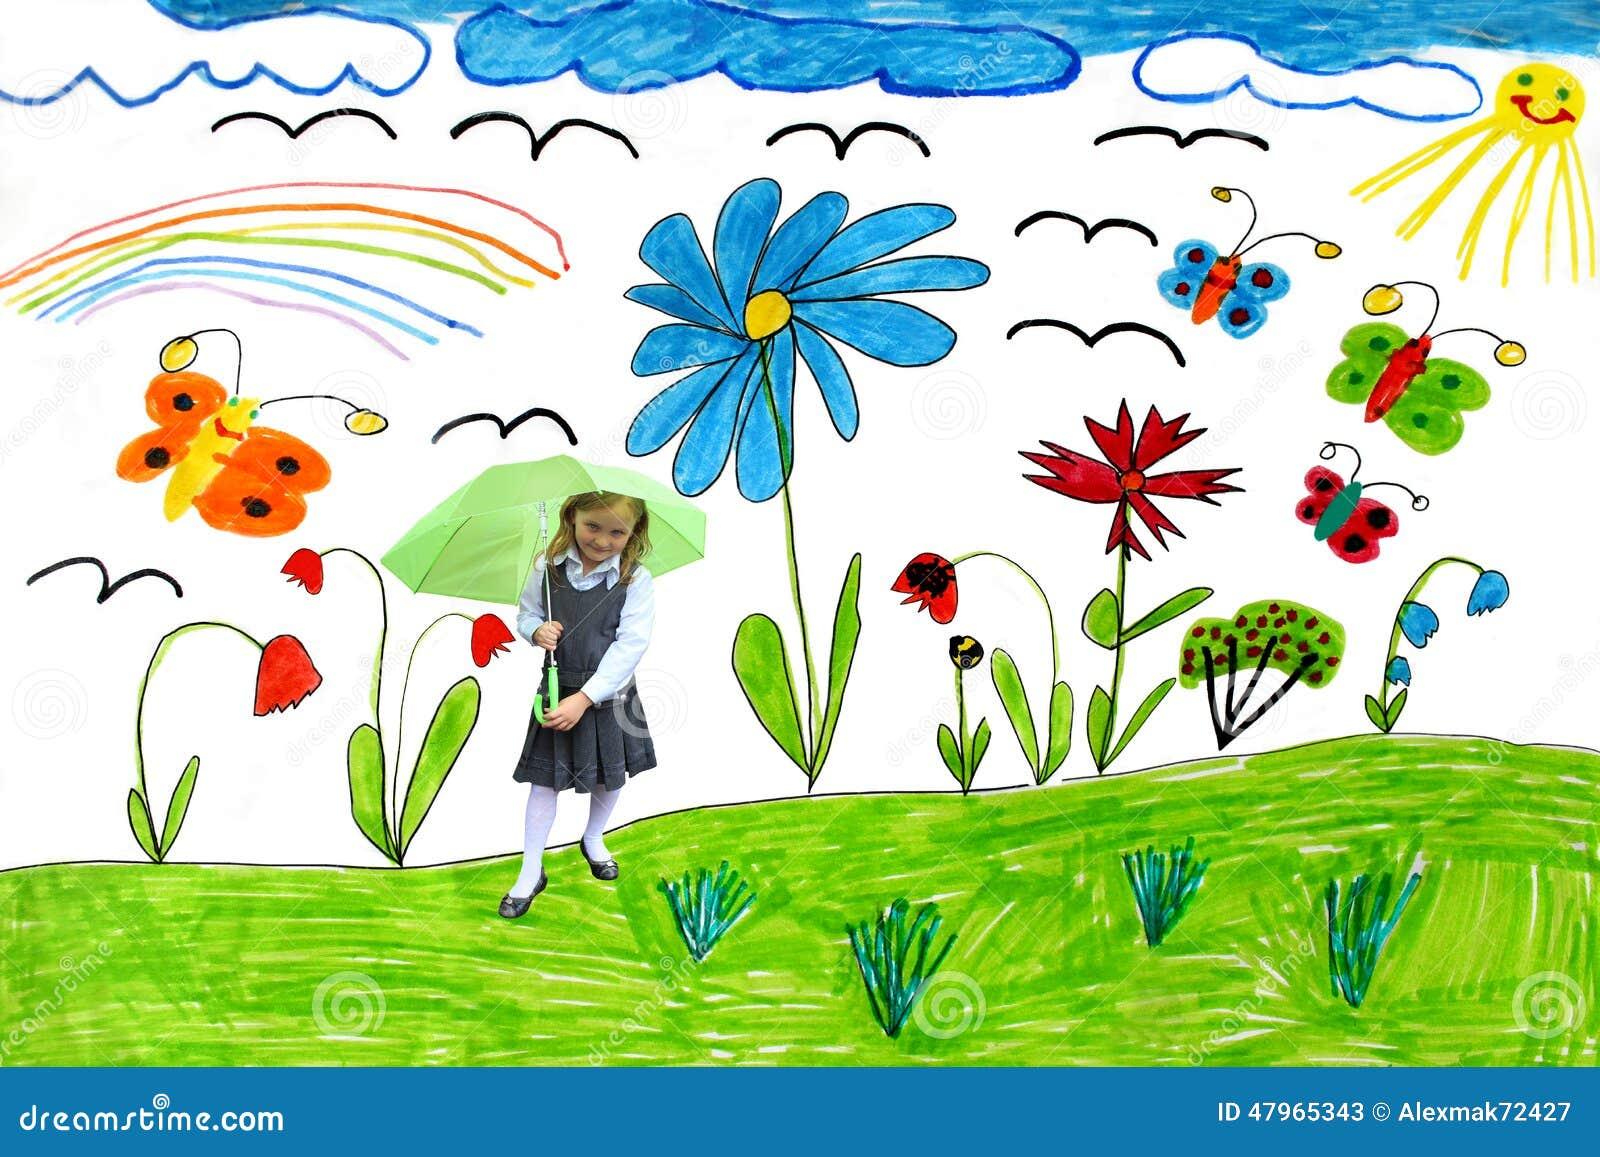 De Tekening Van Kinderen Met Vlinders En Meisje Stock Illustratie ...